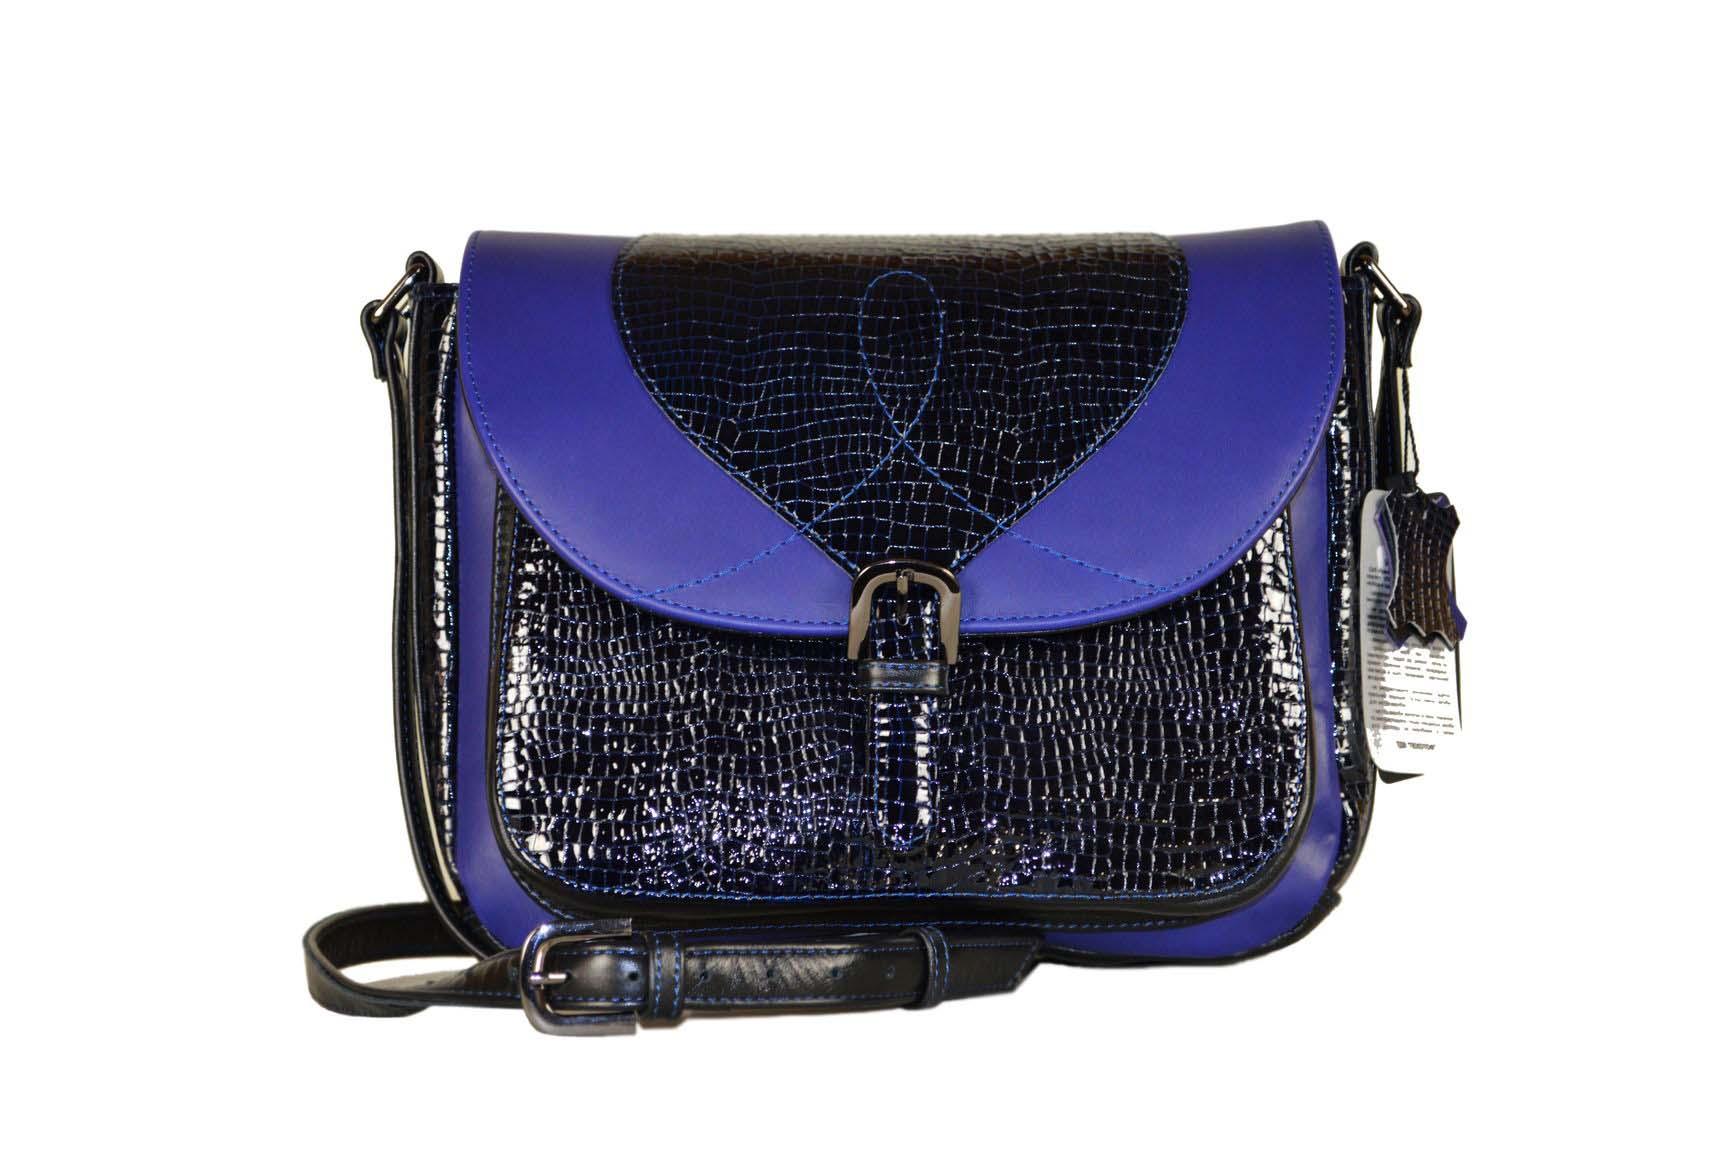 Купити DONNA Violet   шкіряні сумки та рюкзаки в Києві  2c40a455ada2e